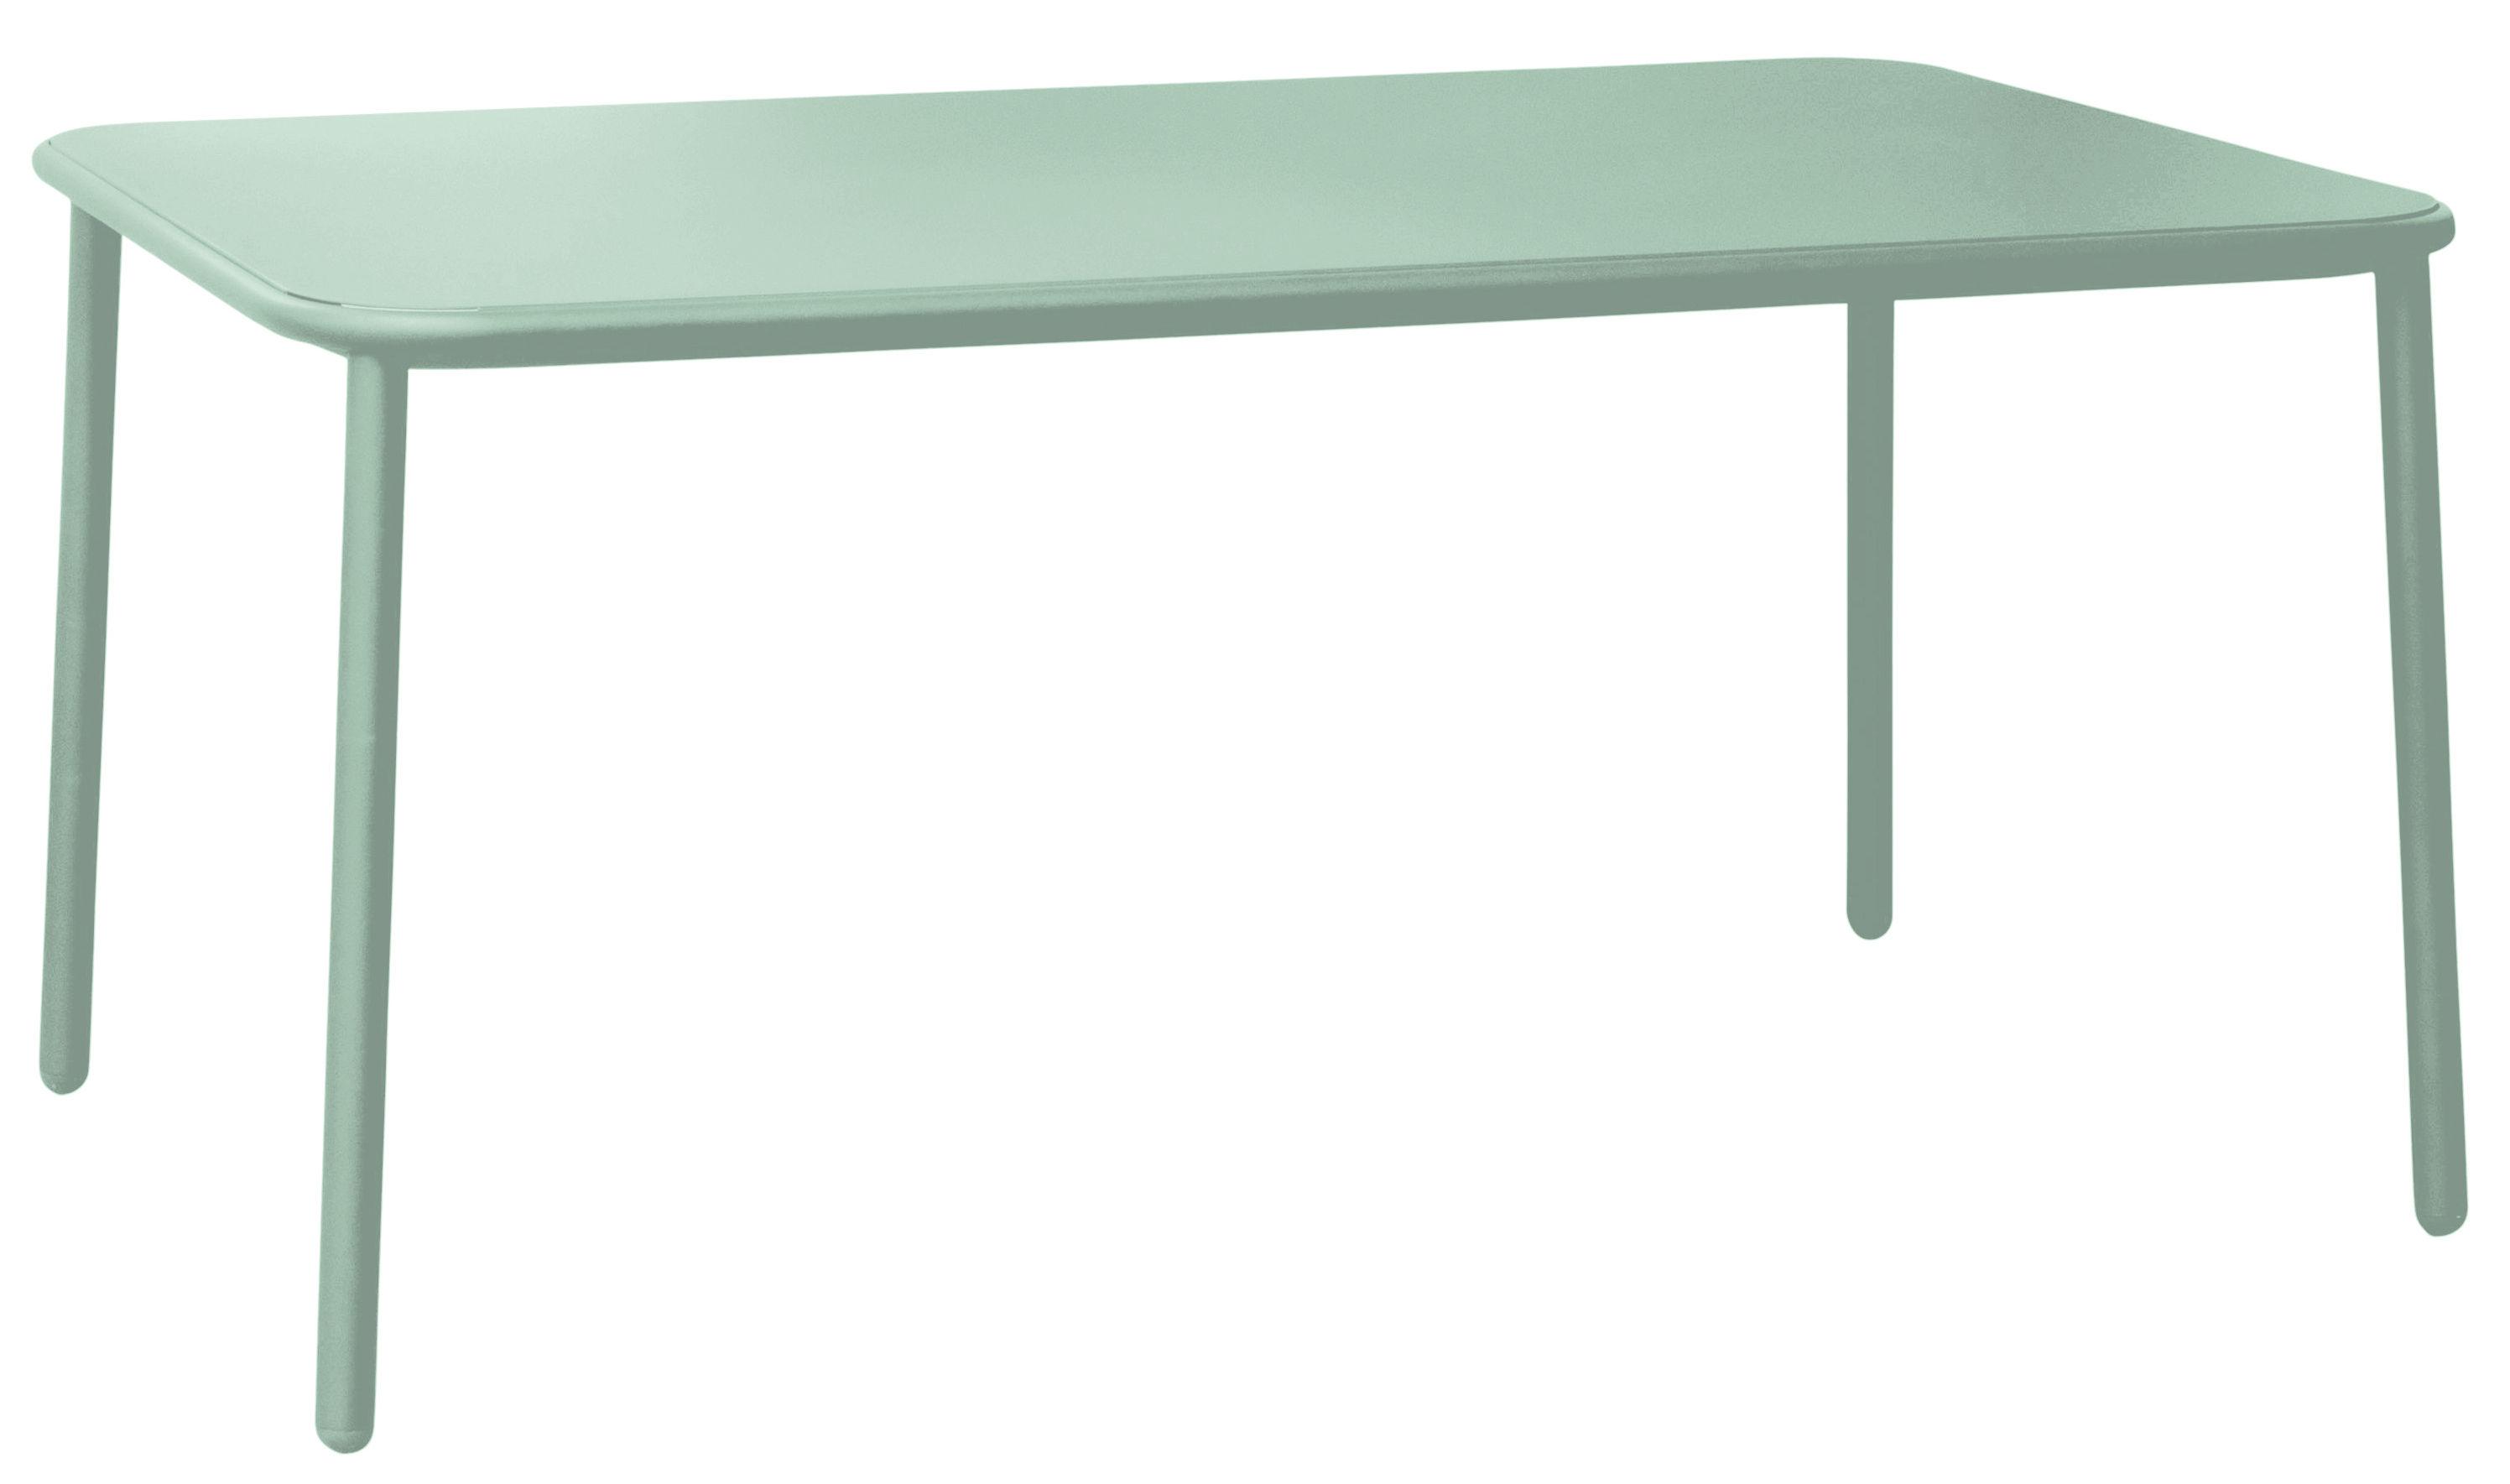 Jardin - Tables de jardin - Table Yard / Aluminium - 160 x 97 cm - Emu - Vert menthe - Aluminium verni